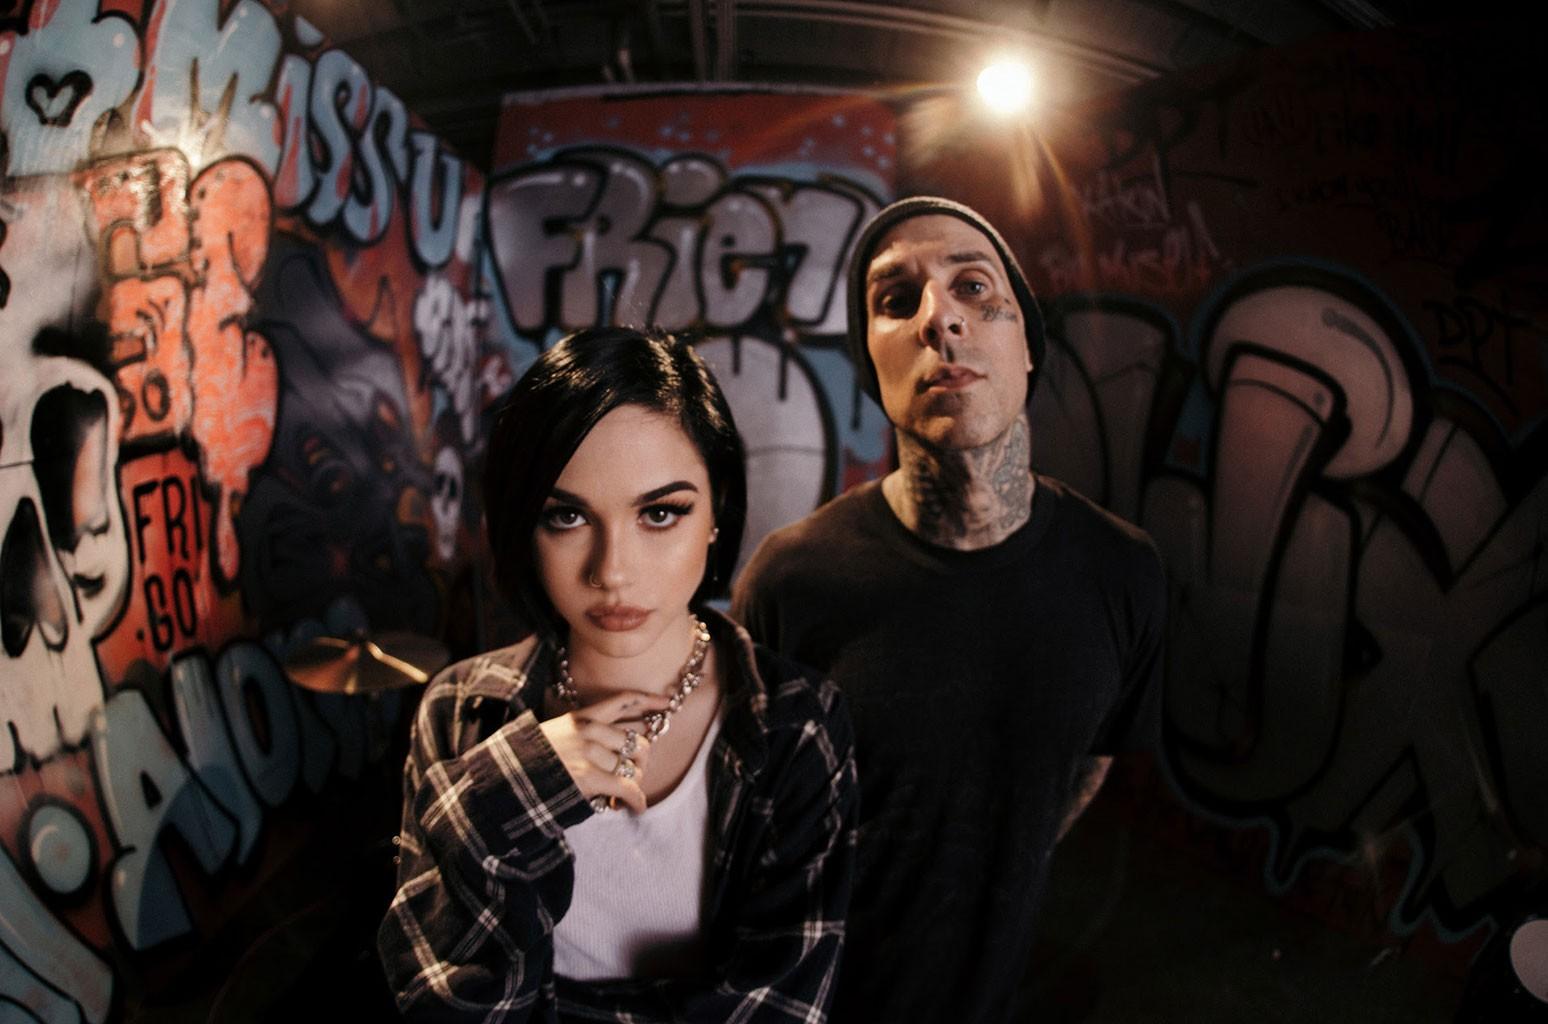 Maggie Lindemann and Travis Barker